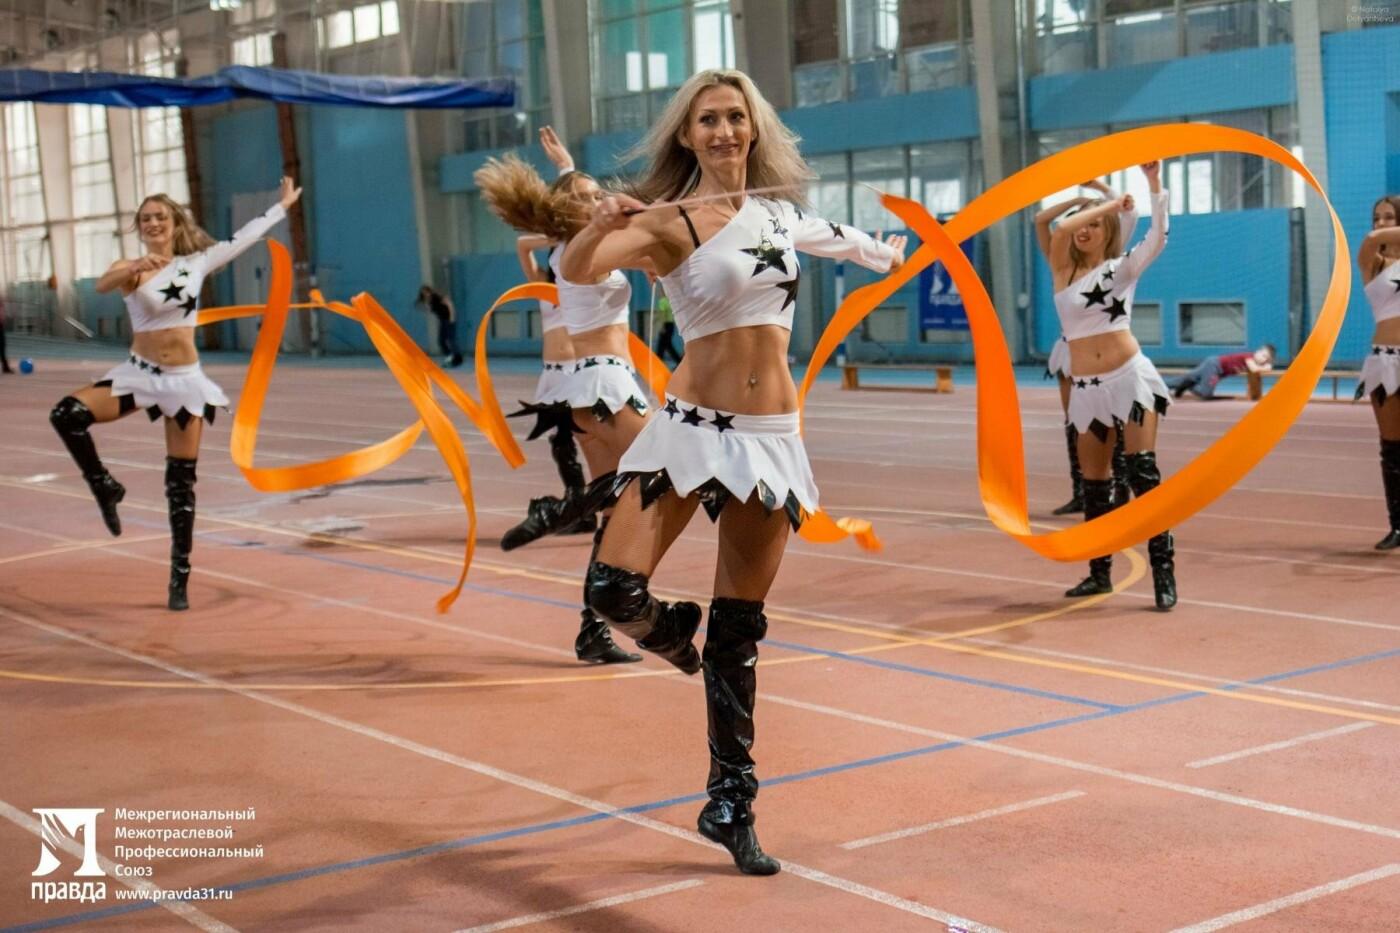 В Белгороде определили победителей спартакиады профсоюза «Правда», фото-30